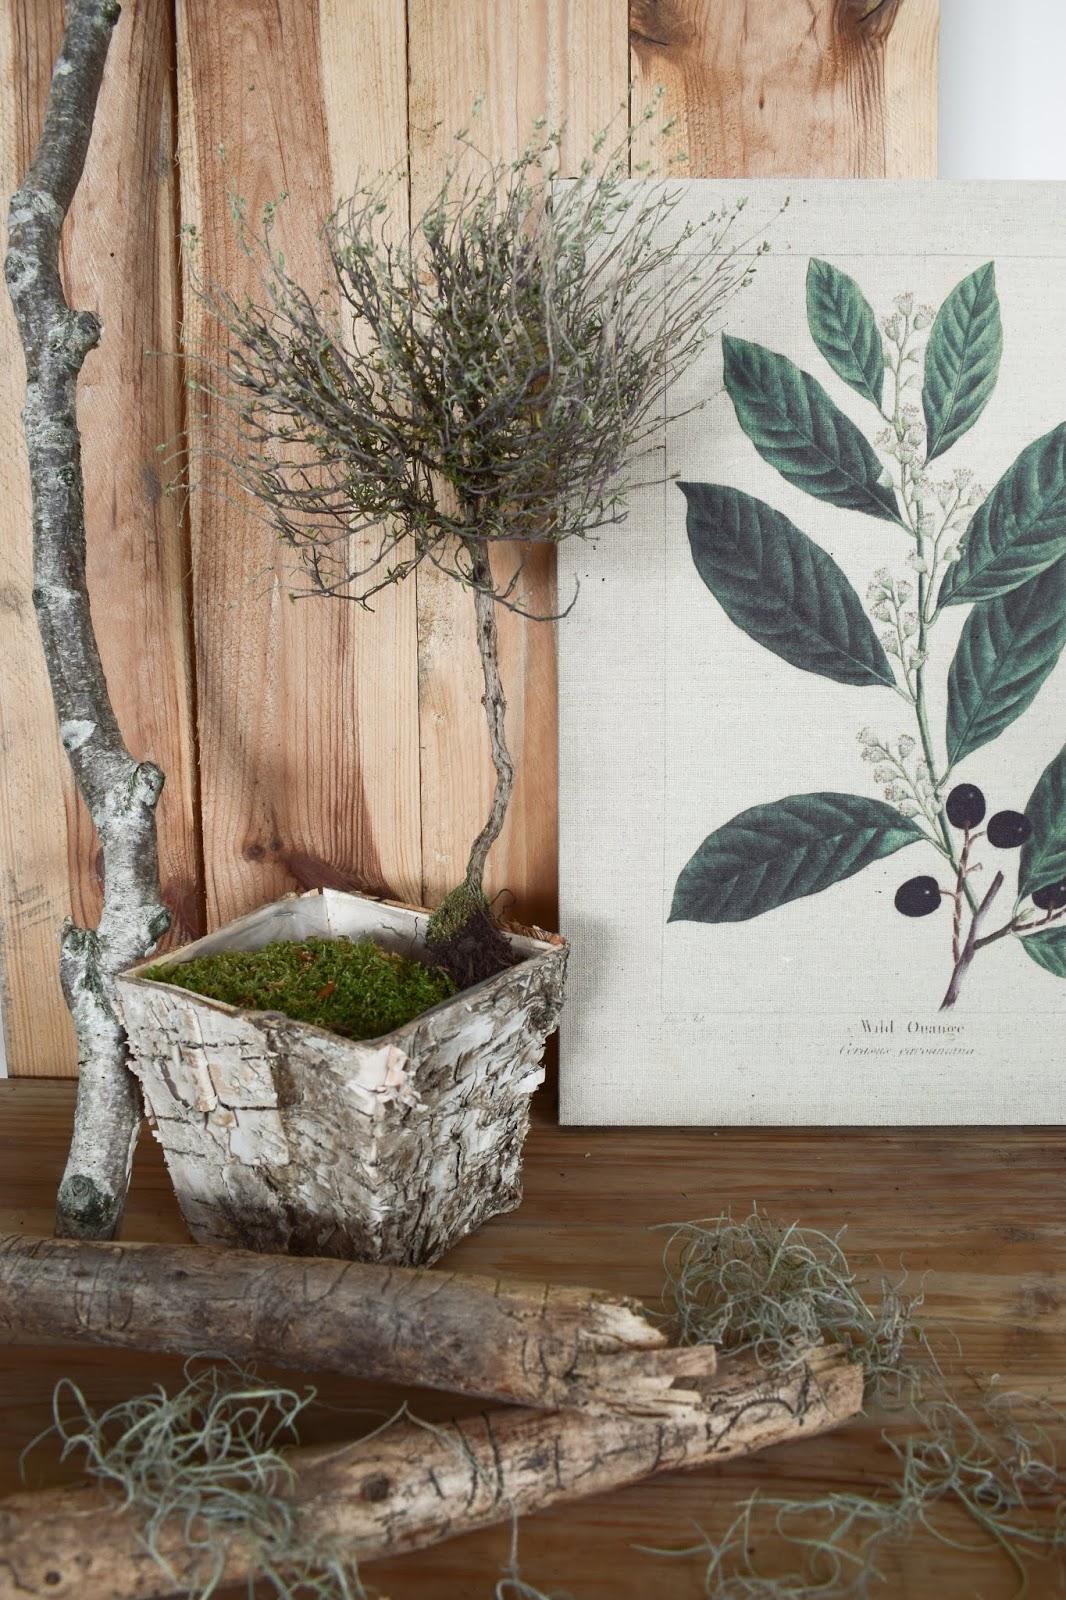 Dekoidee mit Thymian Stamm Deko Dekoration getrocknet Naturdeko natürlich dekorieren